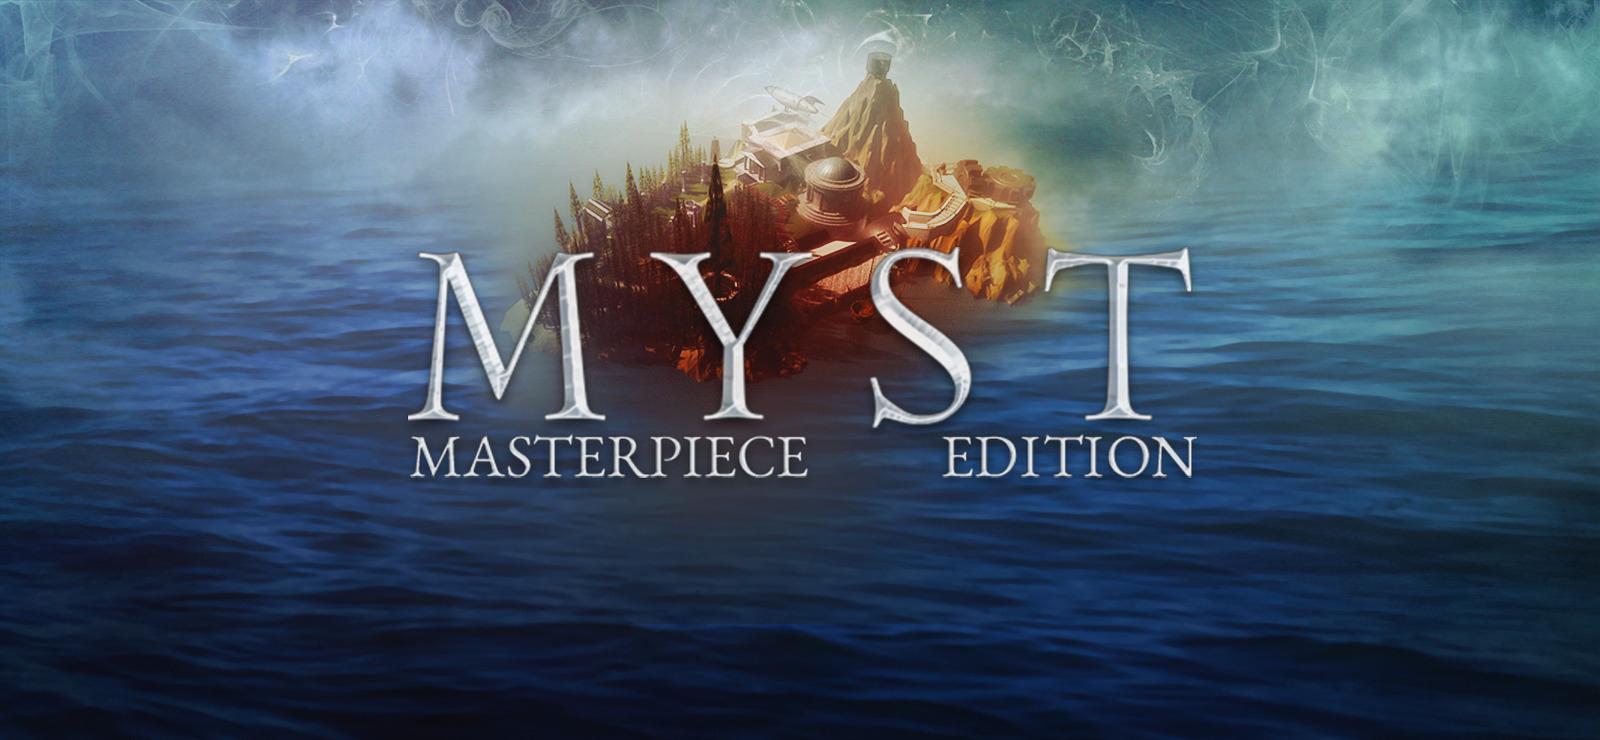 Sélection de jeux Myst sur PC (Dématérialisé - Sans DRM} - Ex: Myst Masterprice